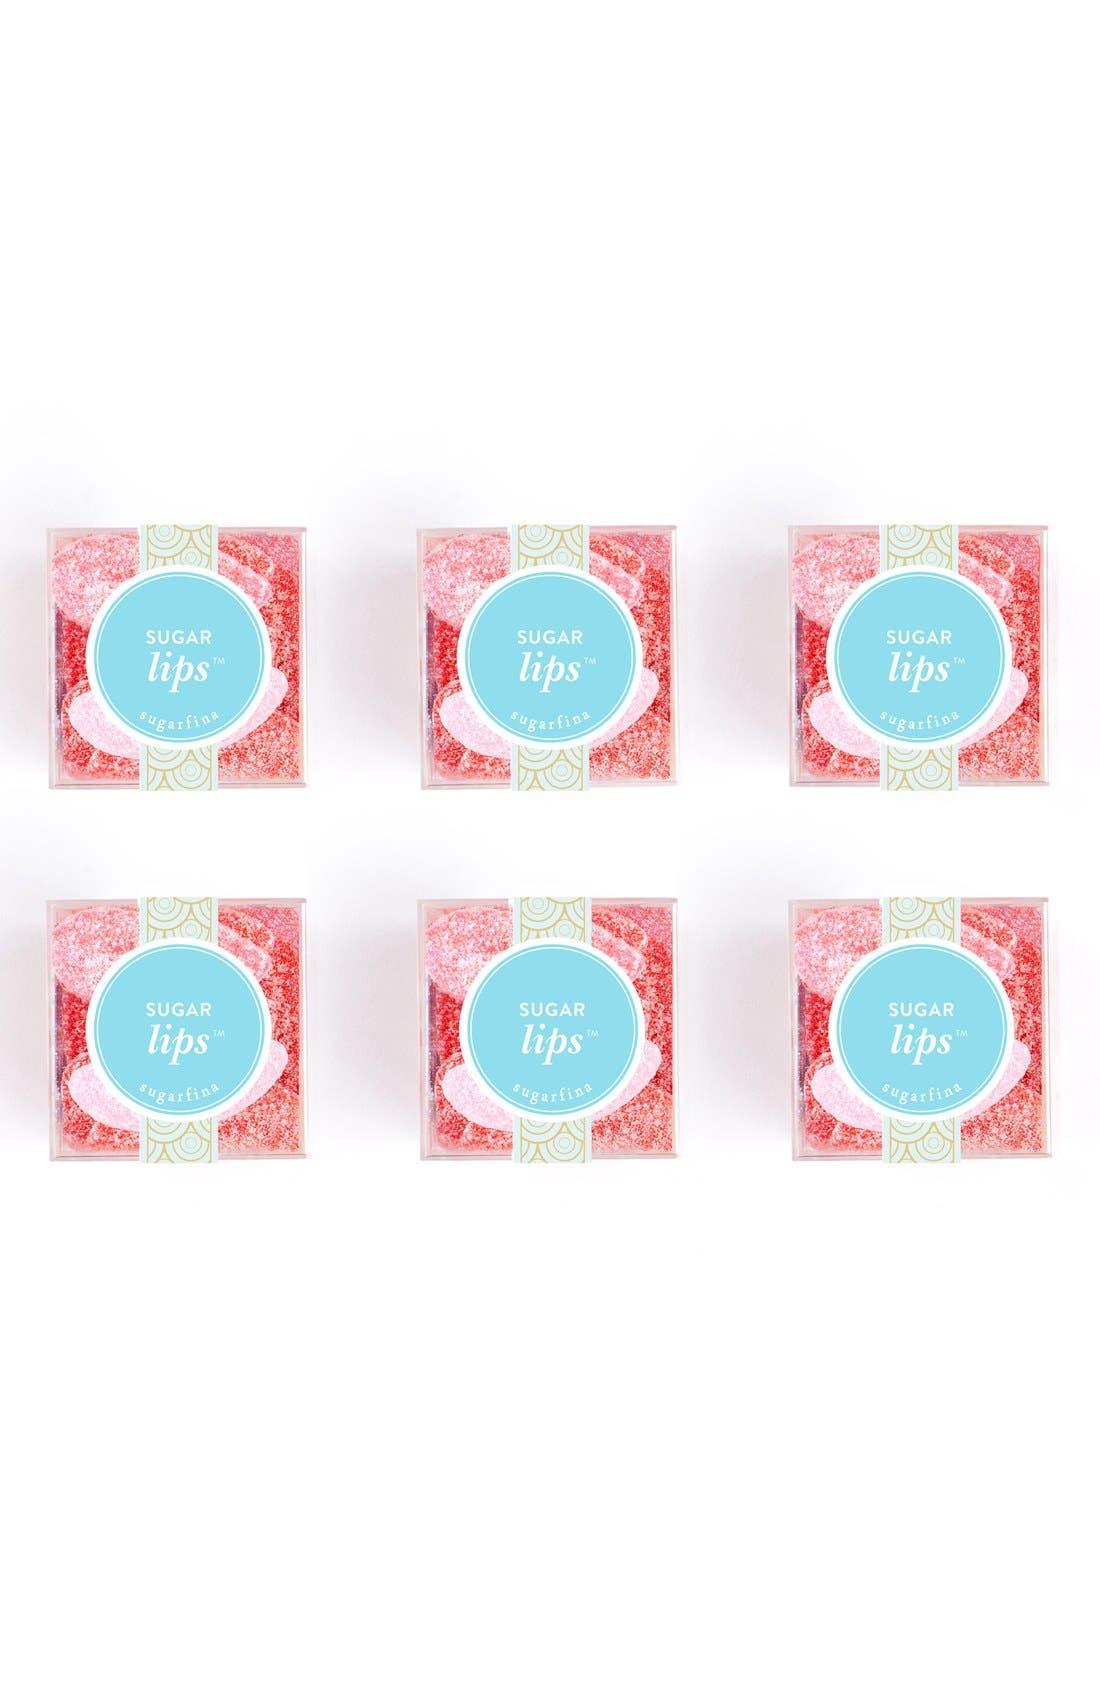 Sugar Lips Set of 6 Party Pack,                             Main thumbnail 1, color,                             PINK